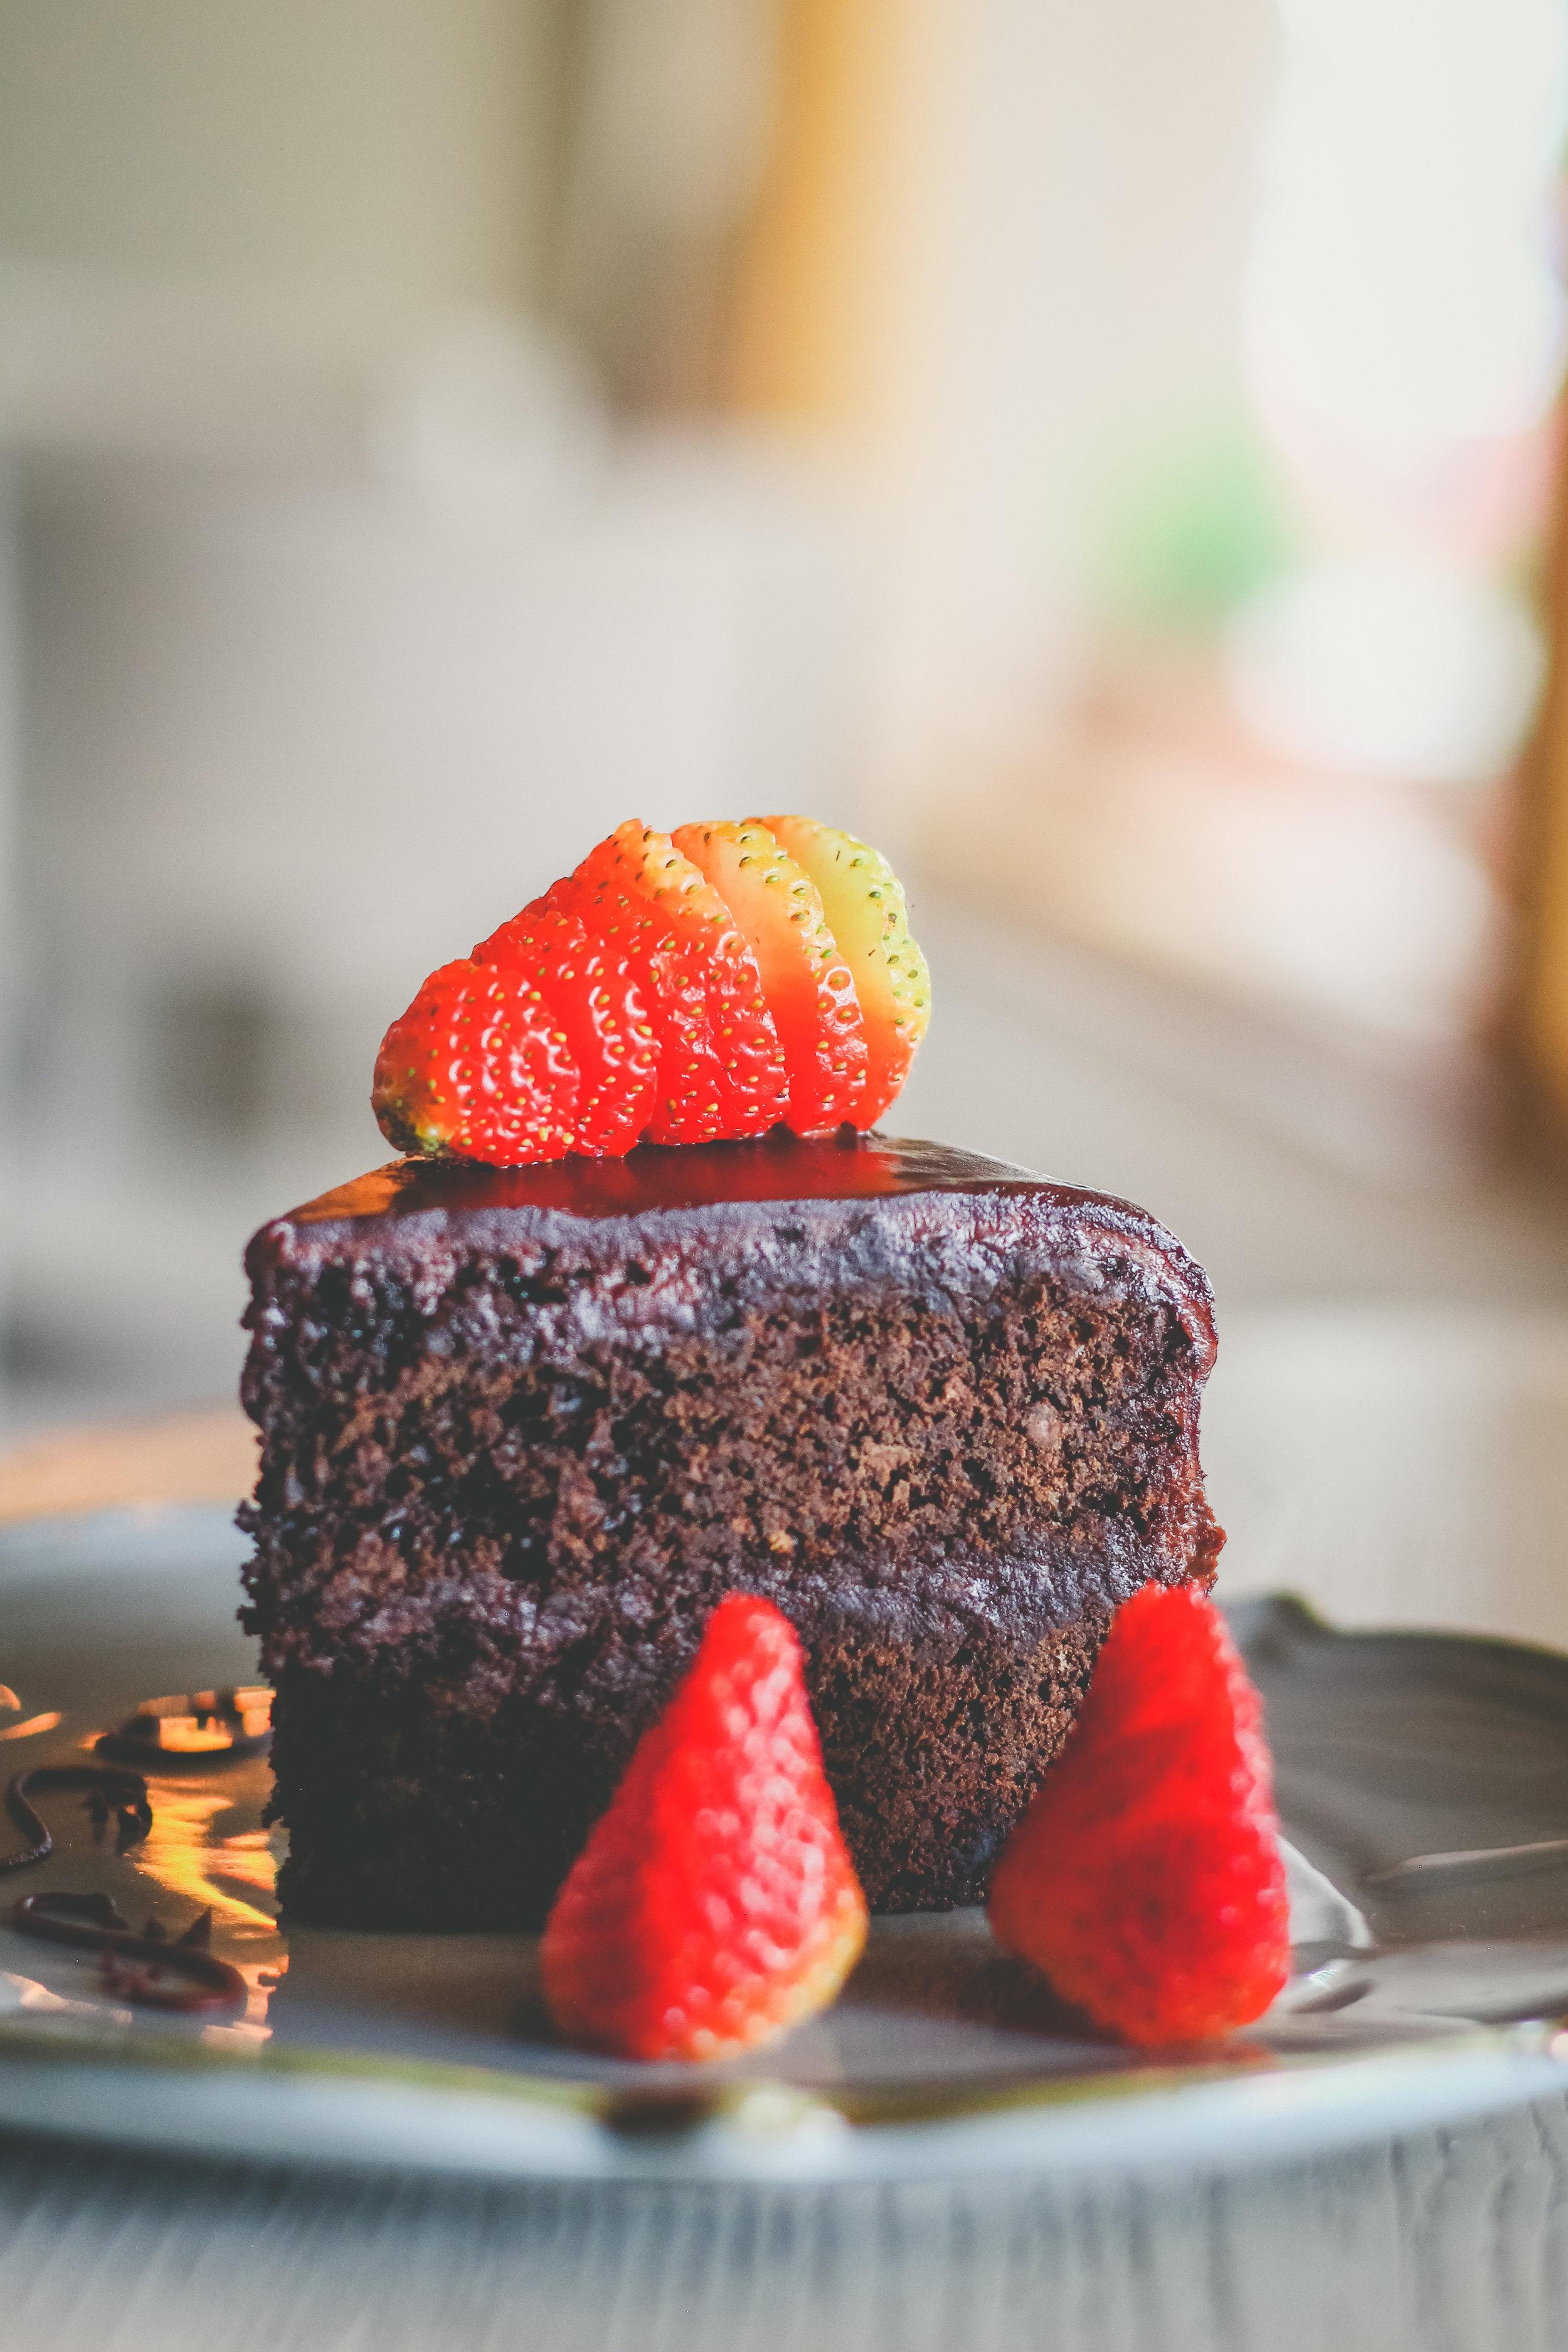 Torta de chocolate con fresas